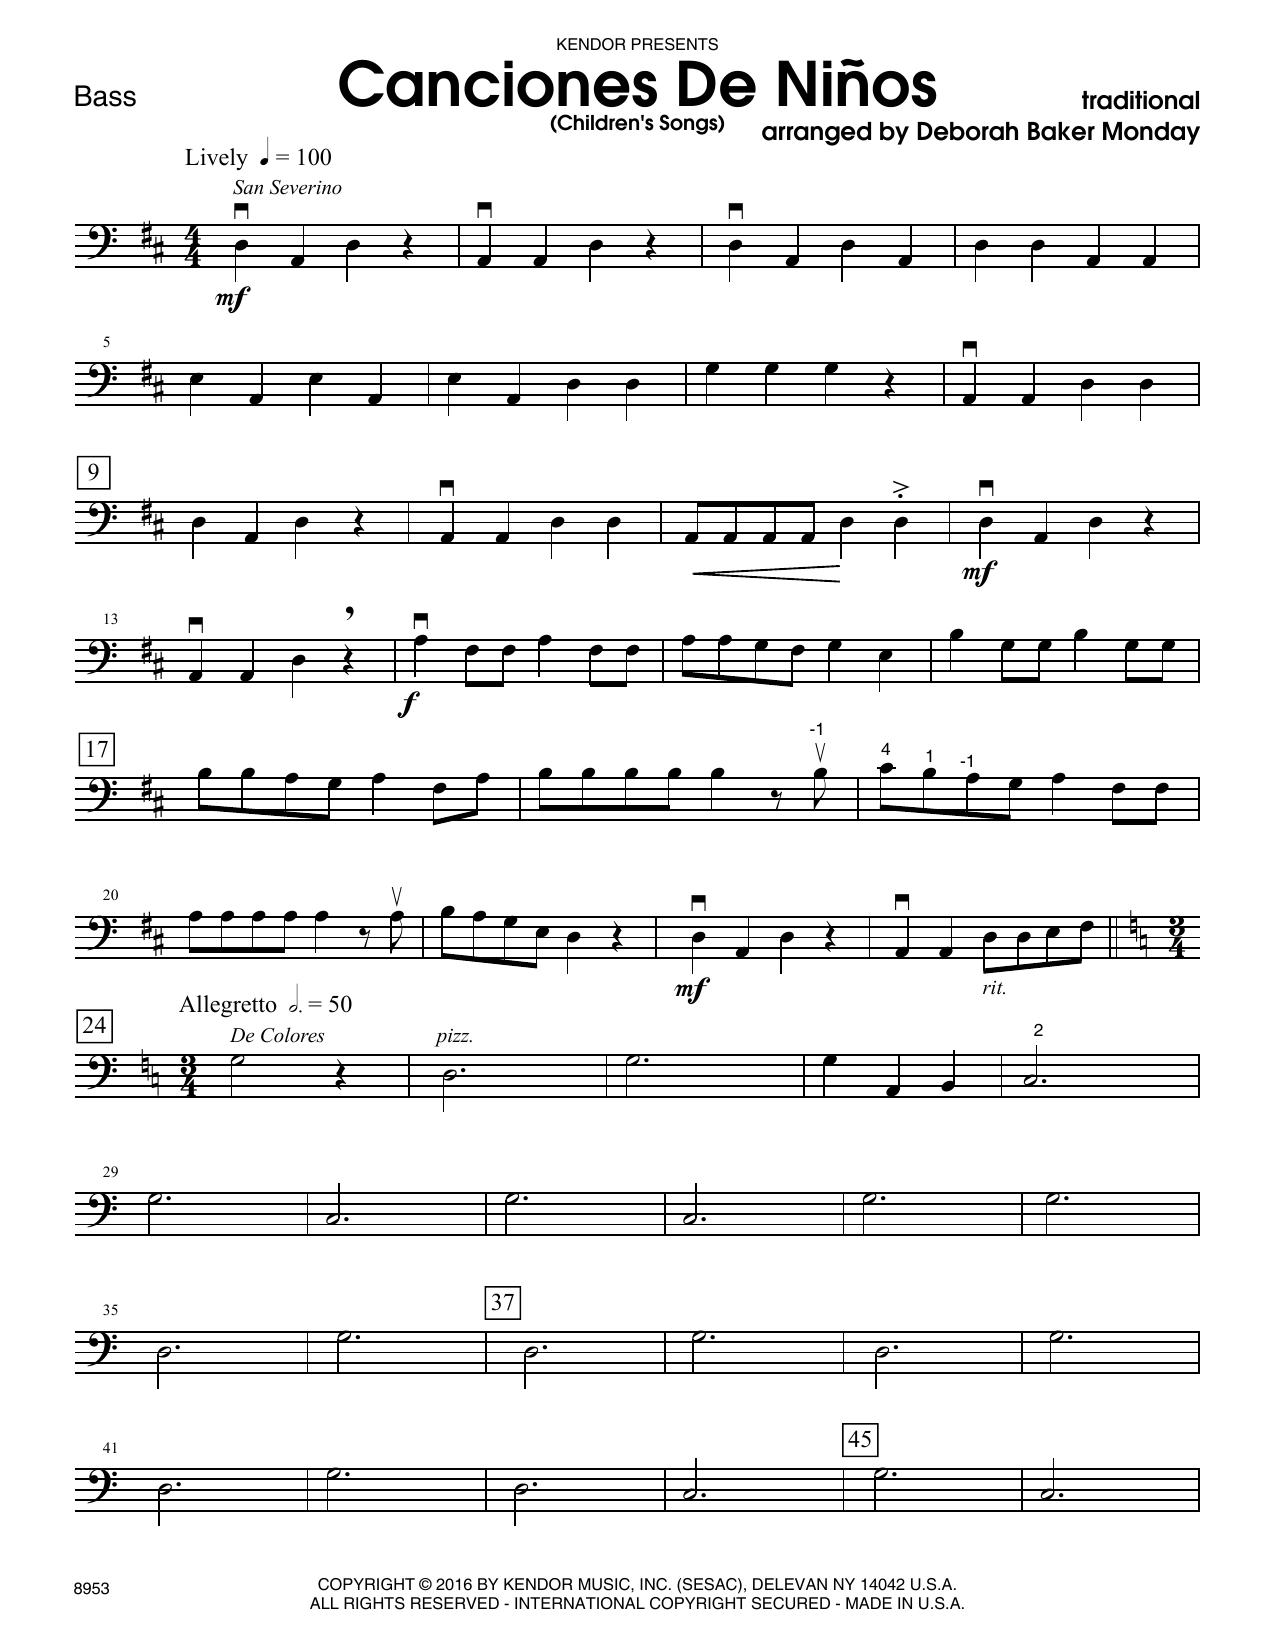 Canciones De Ninos - Bass